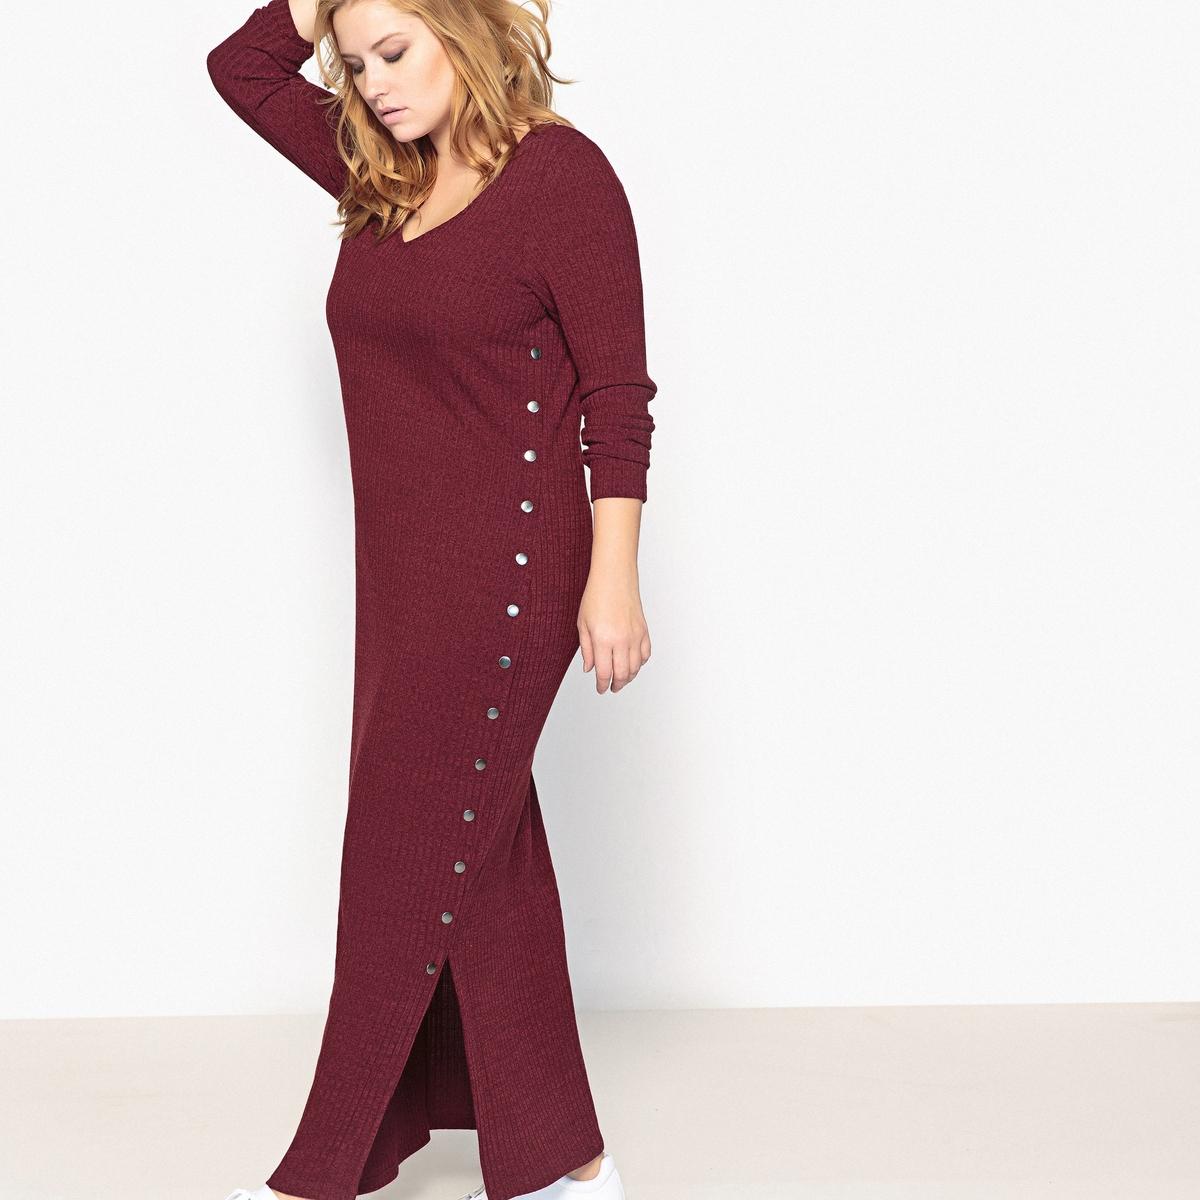 Платье-пуловер длинное, однотонное, с длинными рукавамиОписание:Стильное длинное платье-пуловер, которое подчеркнет ваши достоинства . Очень женственное длинное платье-пуловер станет быстро неотъемлимой частью вашего гардероба .Детали •  Форма : платье-пуловер •  Длина ниже колен •  Длинные рукава    •   V-образный вырезСостав и уход •  2% эластана, 98% полиэстера  •  Температура стирки при 30° на деликатном режиме   •  Сухая чистка и отбеливание запрещены •  Не использовать барабанную сушку   •  Низкая температура глажки   ВАЖНО: Товар без манжетТовар из коллекции больших размеров •  Длина : 133,8 см<br><br>Цвет: бордовый меланж<br>Размер: 52 (FR) - 58 (RUS)